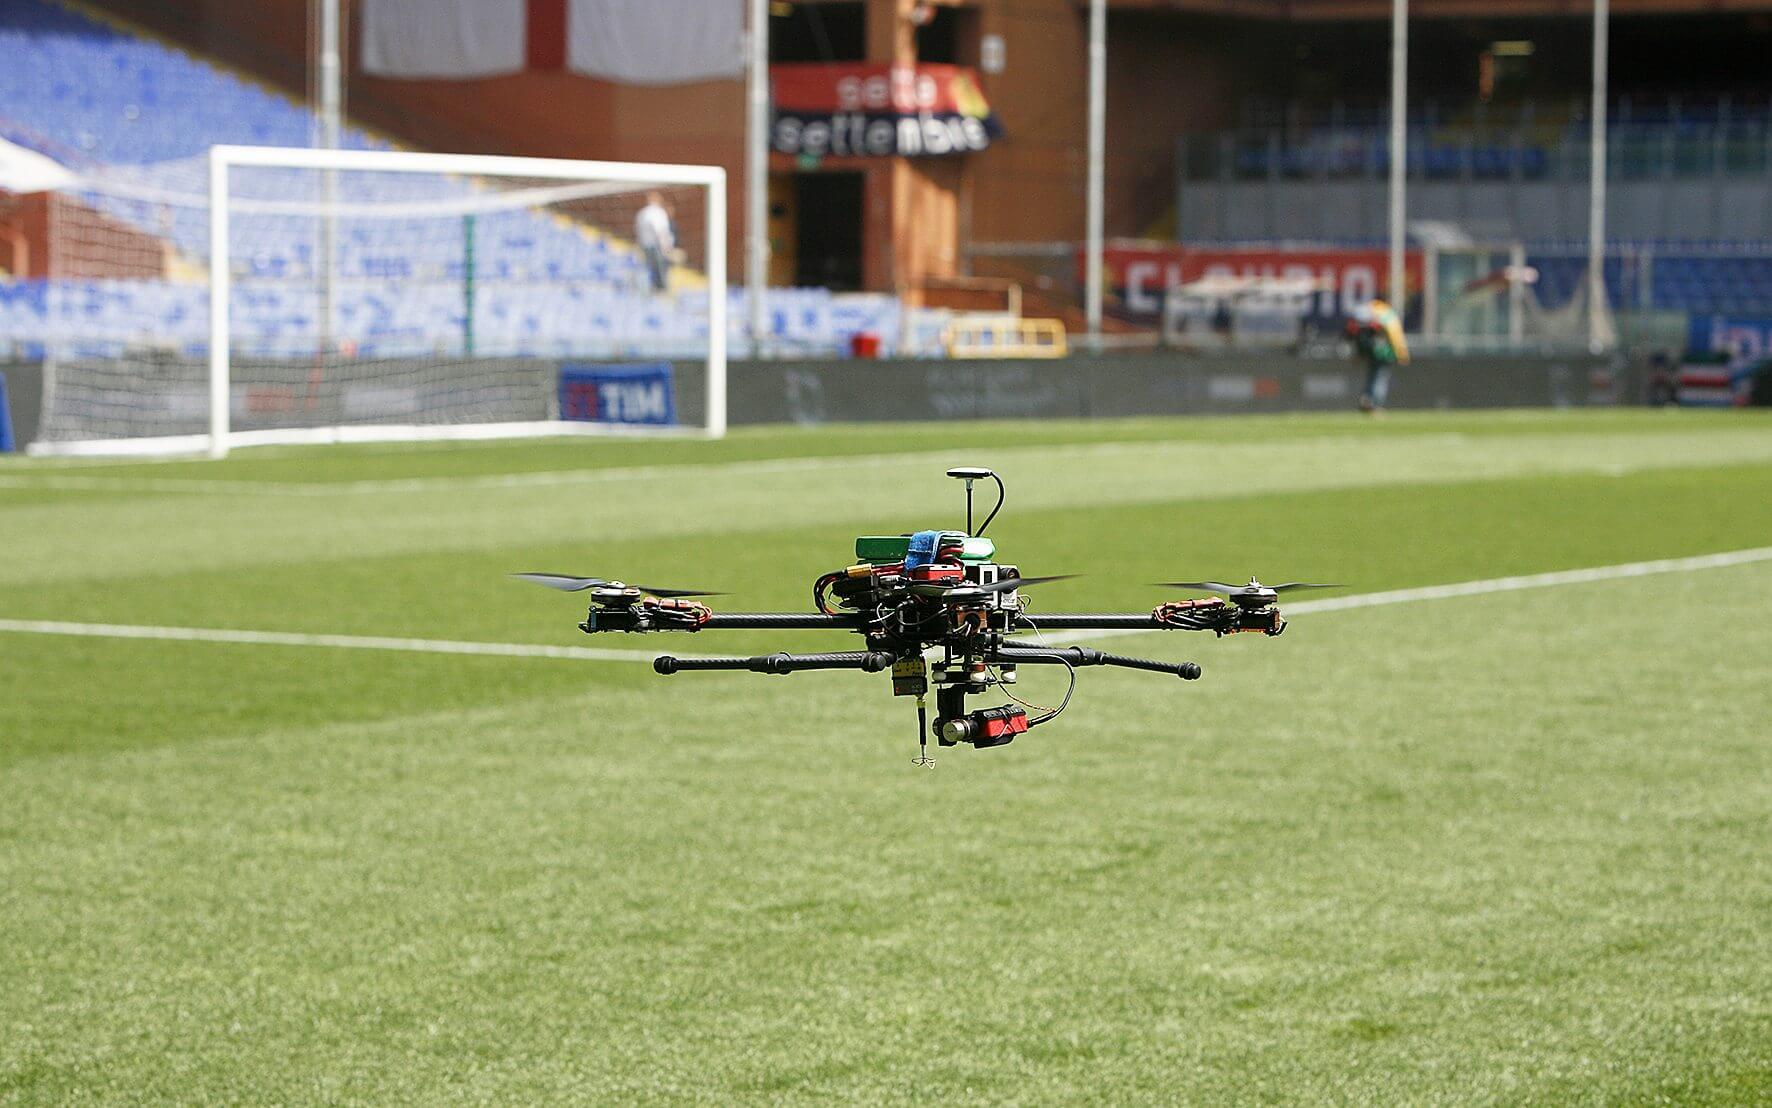 Un drone che vola basso durante una partita di calcio